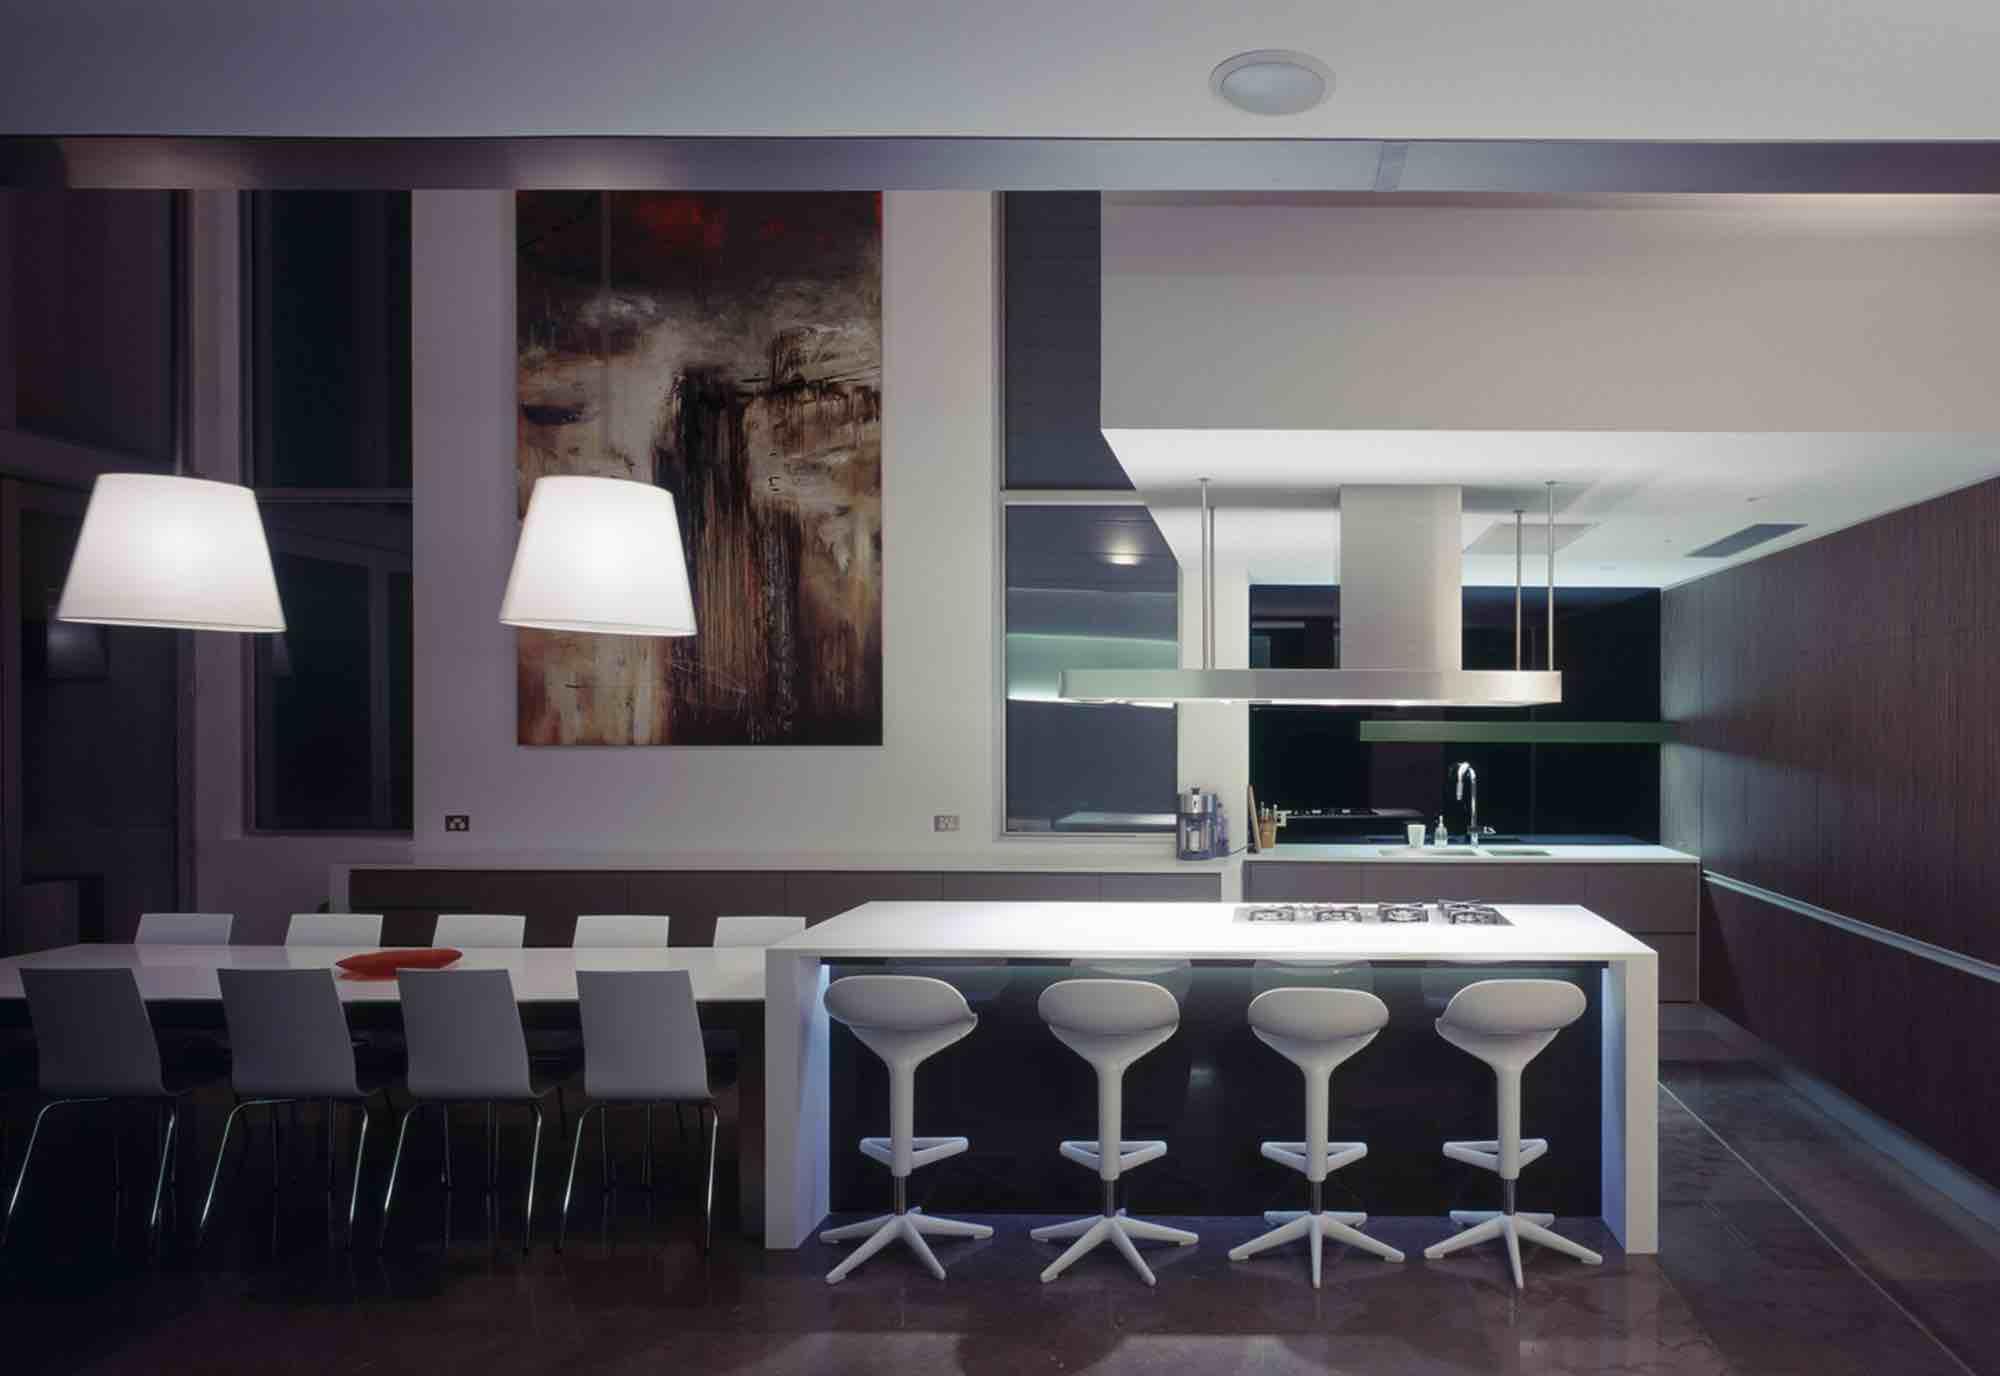 minosa-design-open-plan-high-ceiling-void-large-dinning-table-corian-benchtop-minosa-kitchen-gilda-gilda-04